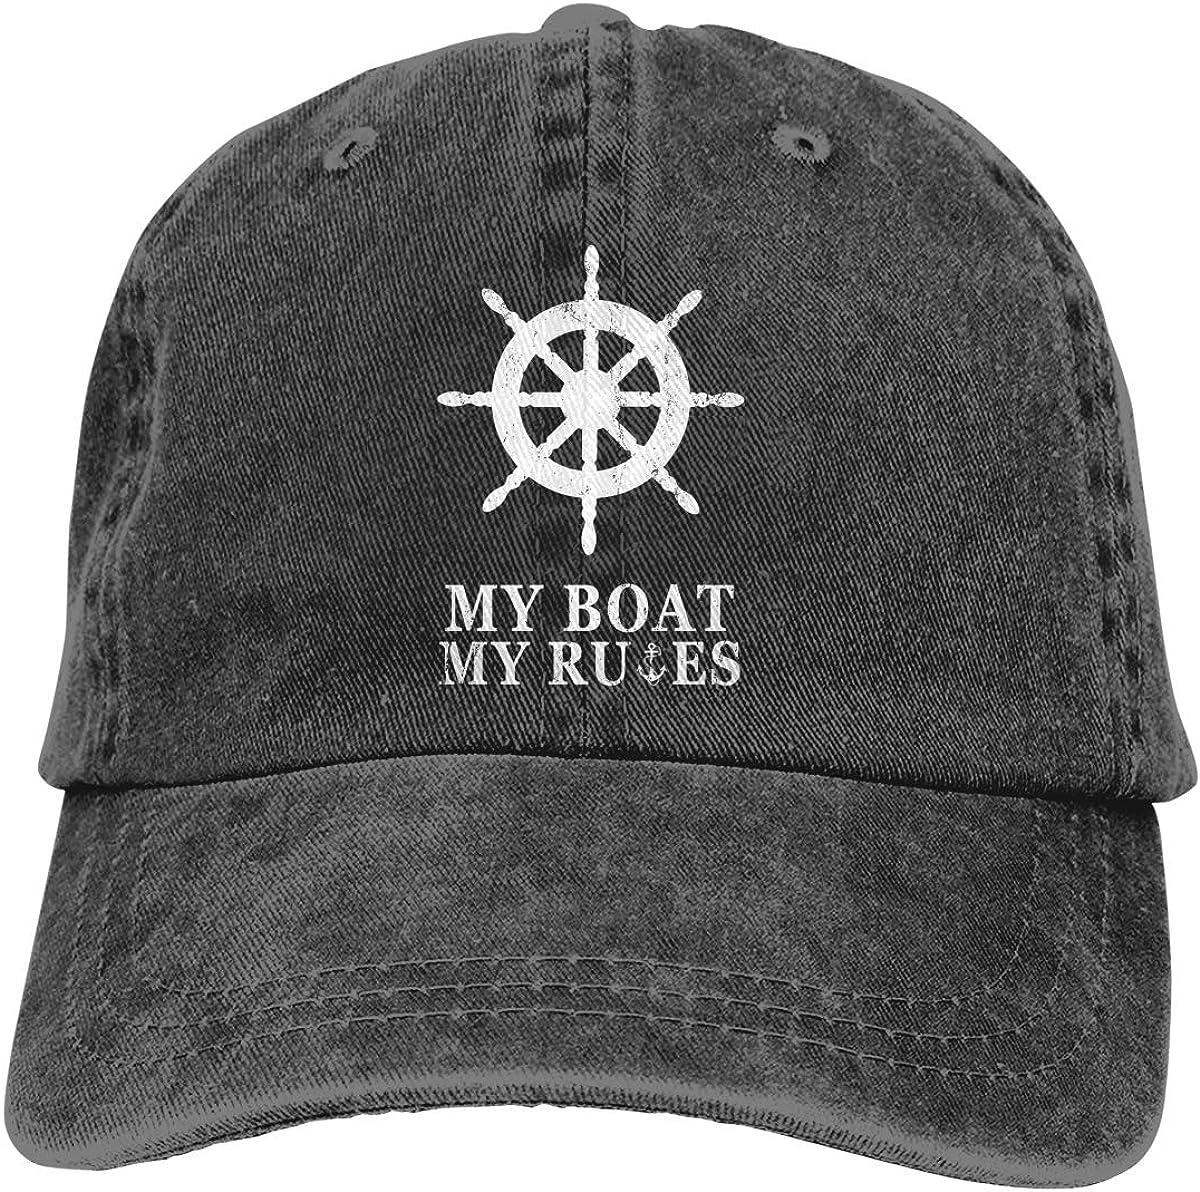 NVJUI JUFOPL Men's My Boat My Rules Baseball Cap Vintage Washed Adjustable Funny Dad Hat